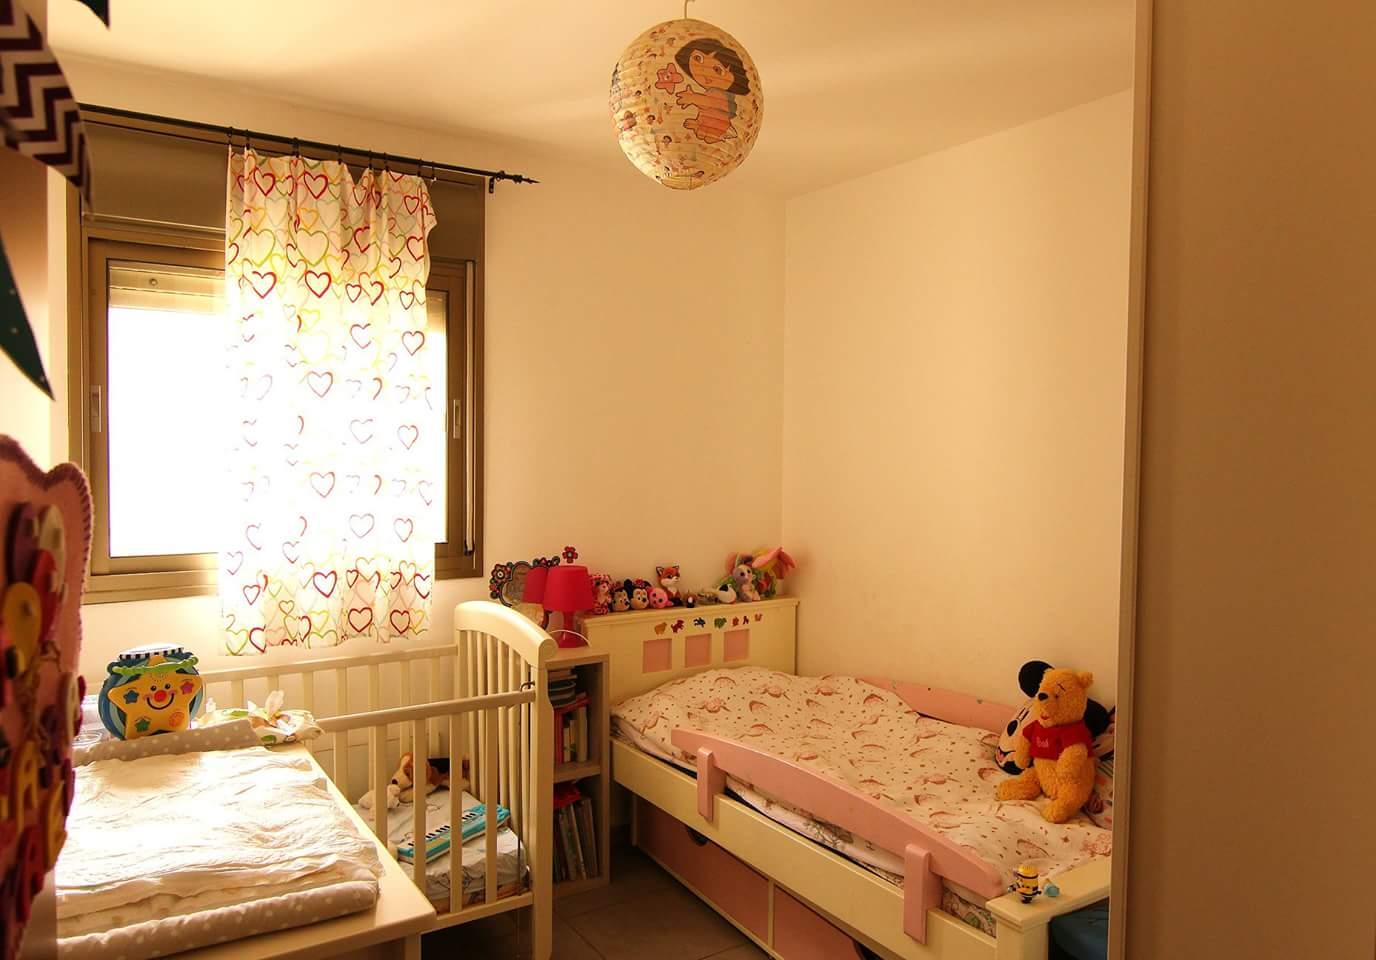 דירת 4 חדרים באם המושבות10